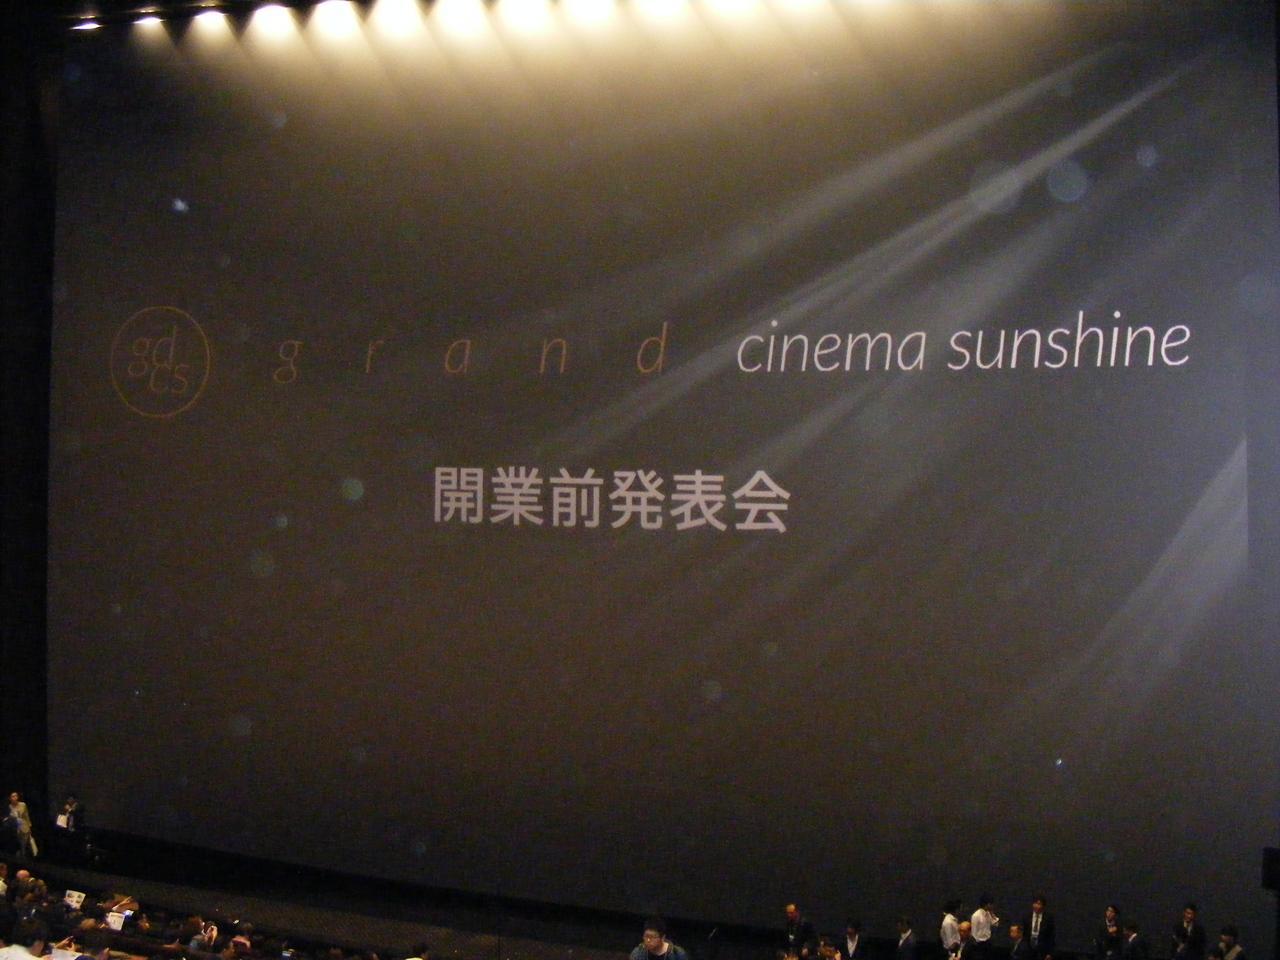 画像2: こんなにフロアが楽しい映画館は初めて